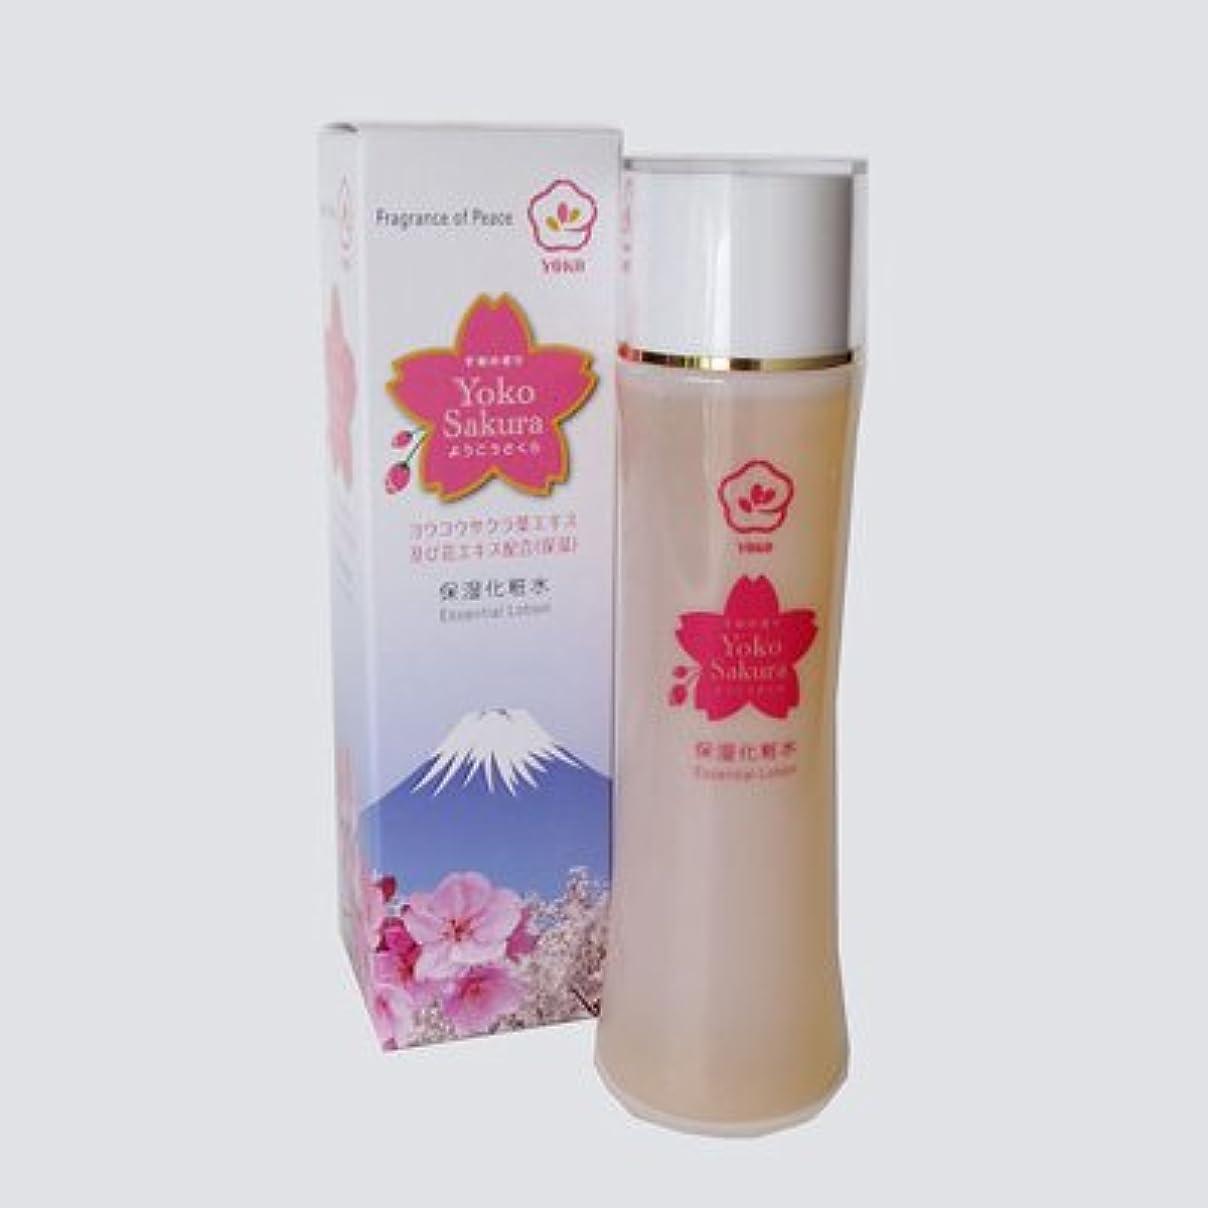 ペレグリネーションスカルクシネウィ陽光ローション(保湿化粧水) 陽光桜のエキス配合の保湿化粧水。敏感肌の方にもどうぞ